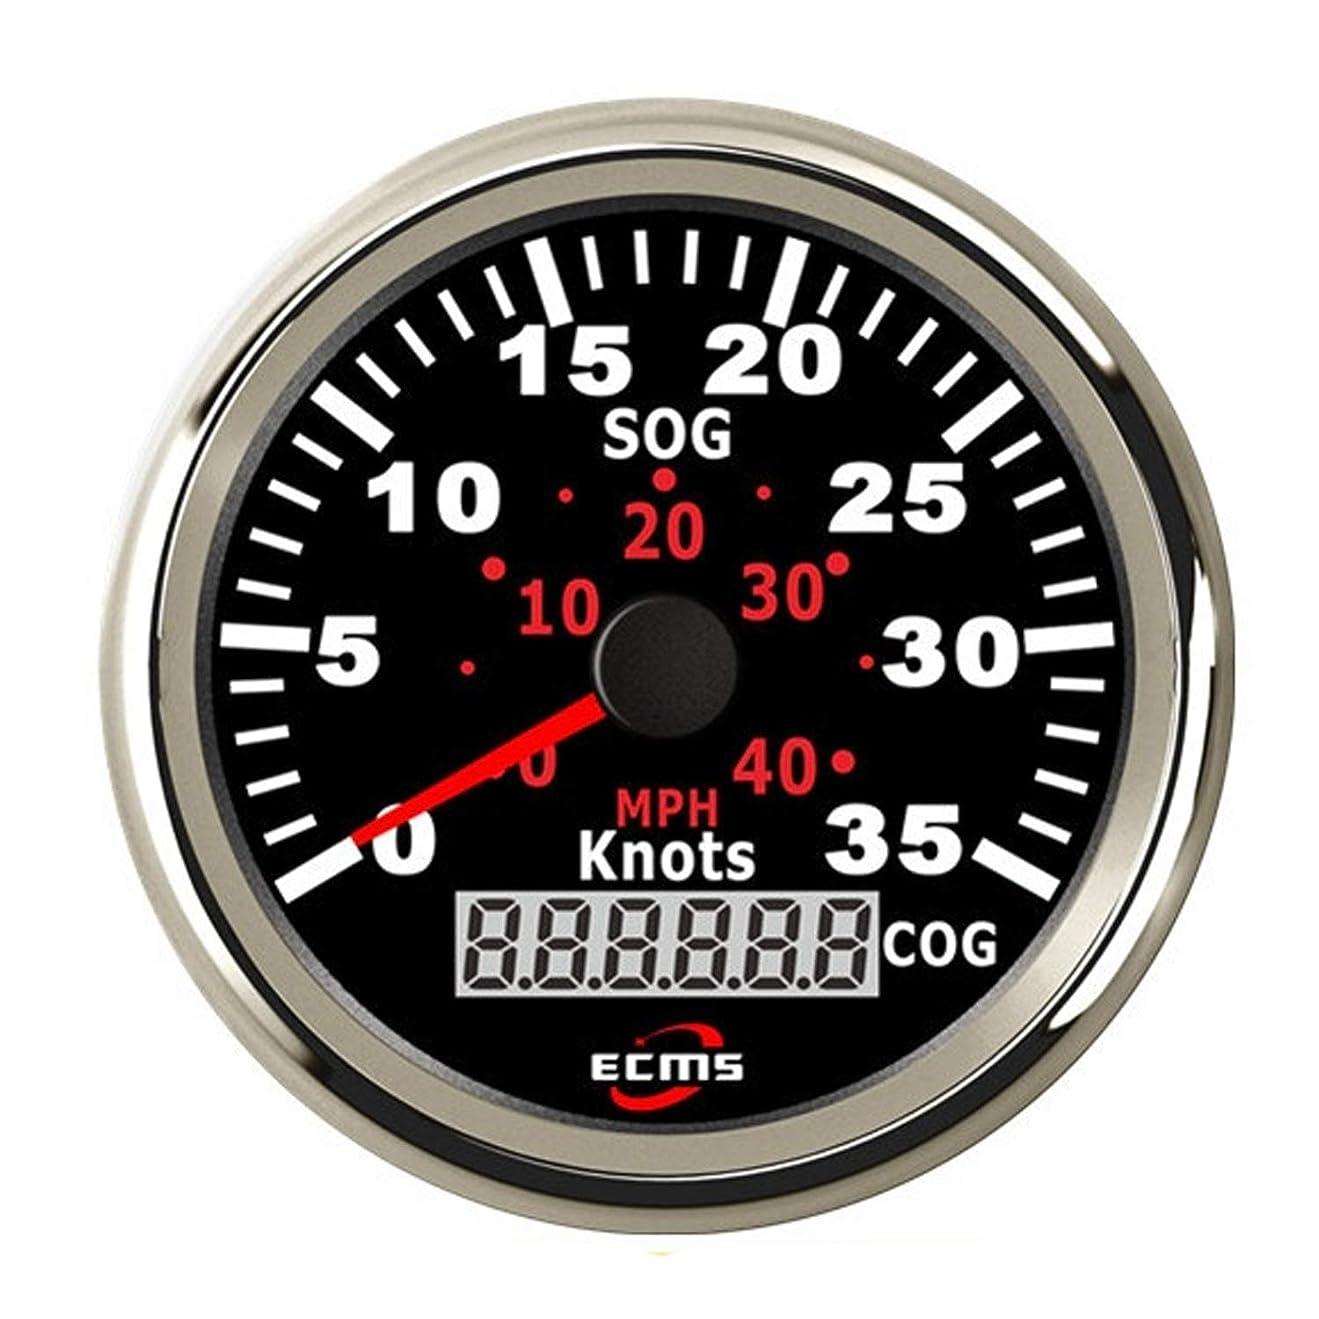 オン里親観察圧力計 GPSスピードメーター オドメーター 0-35ノット 0?40MPH ボートヨット船用 バックライト付き 3-3 / 8 ''(85mm) 12V / 24V センサー